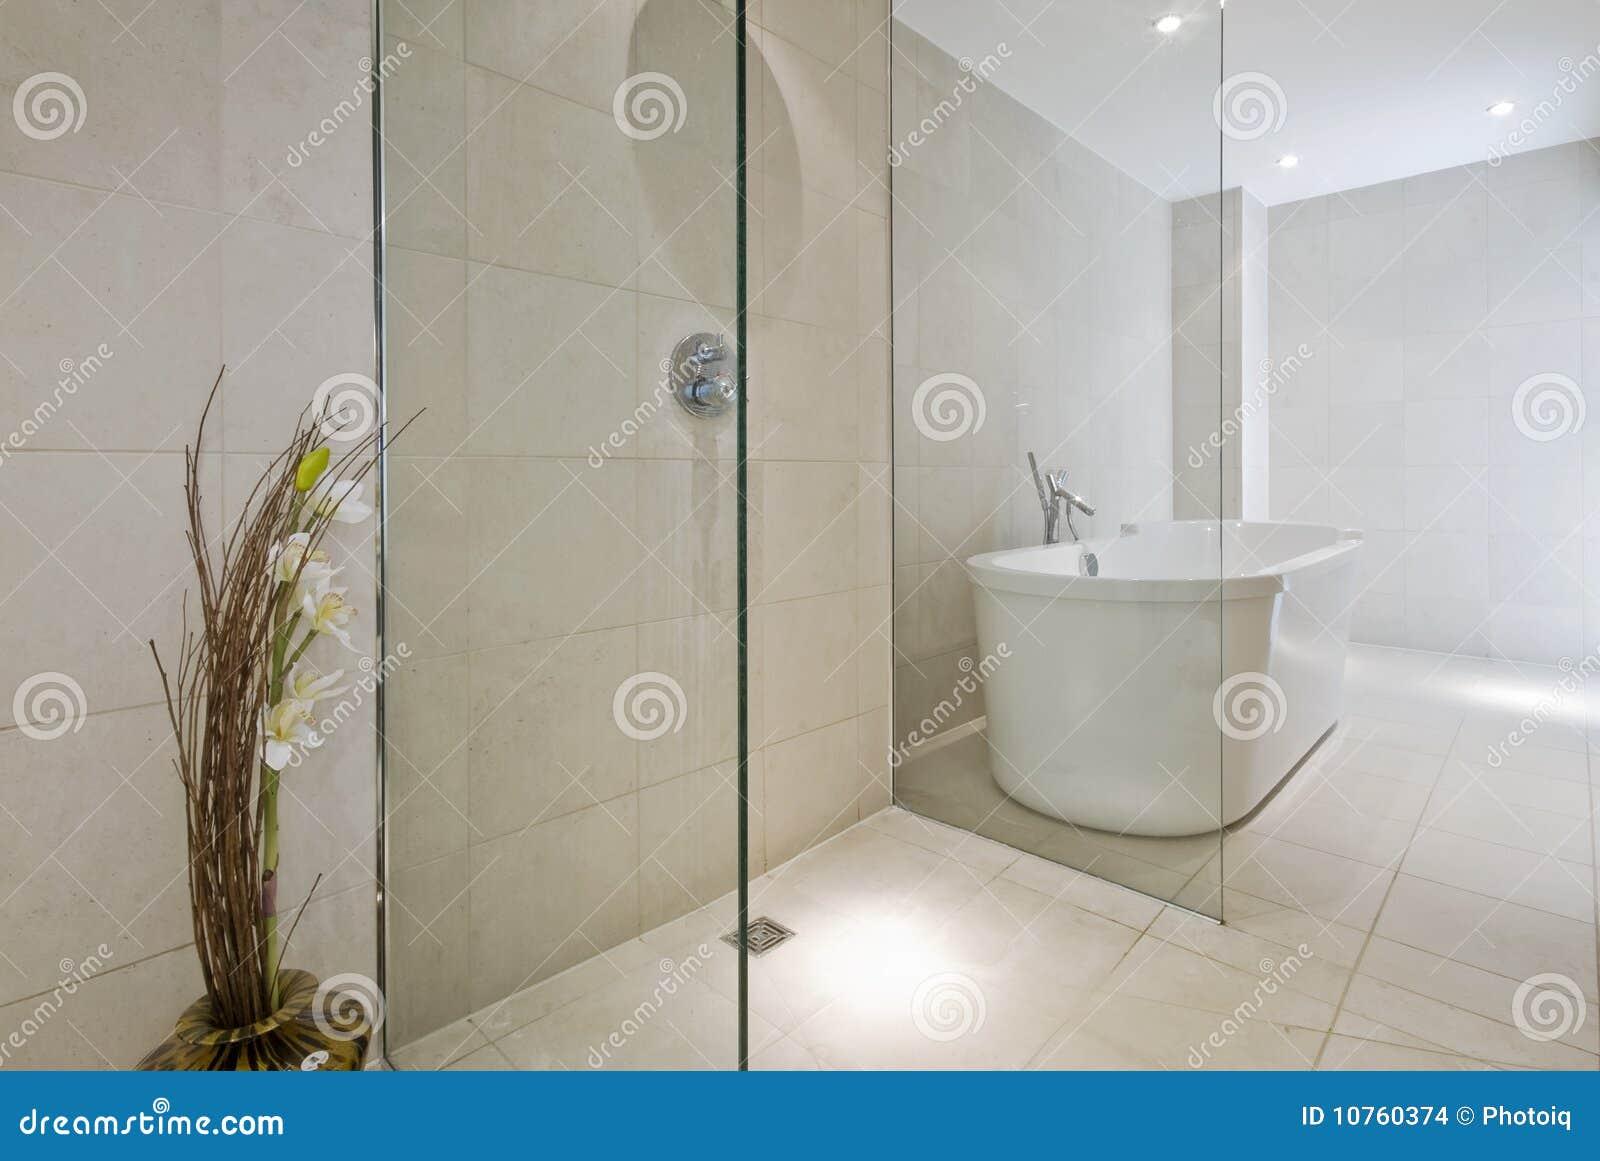 Stanza Da Bagno Di Lusso Immagini Stock - Immagine: 10760374